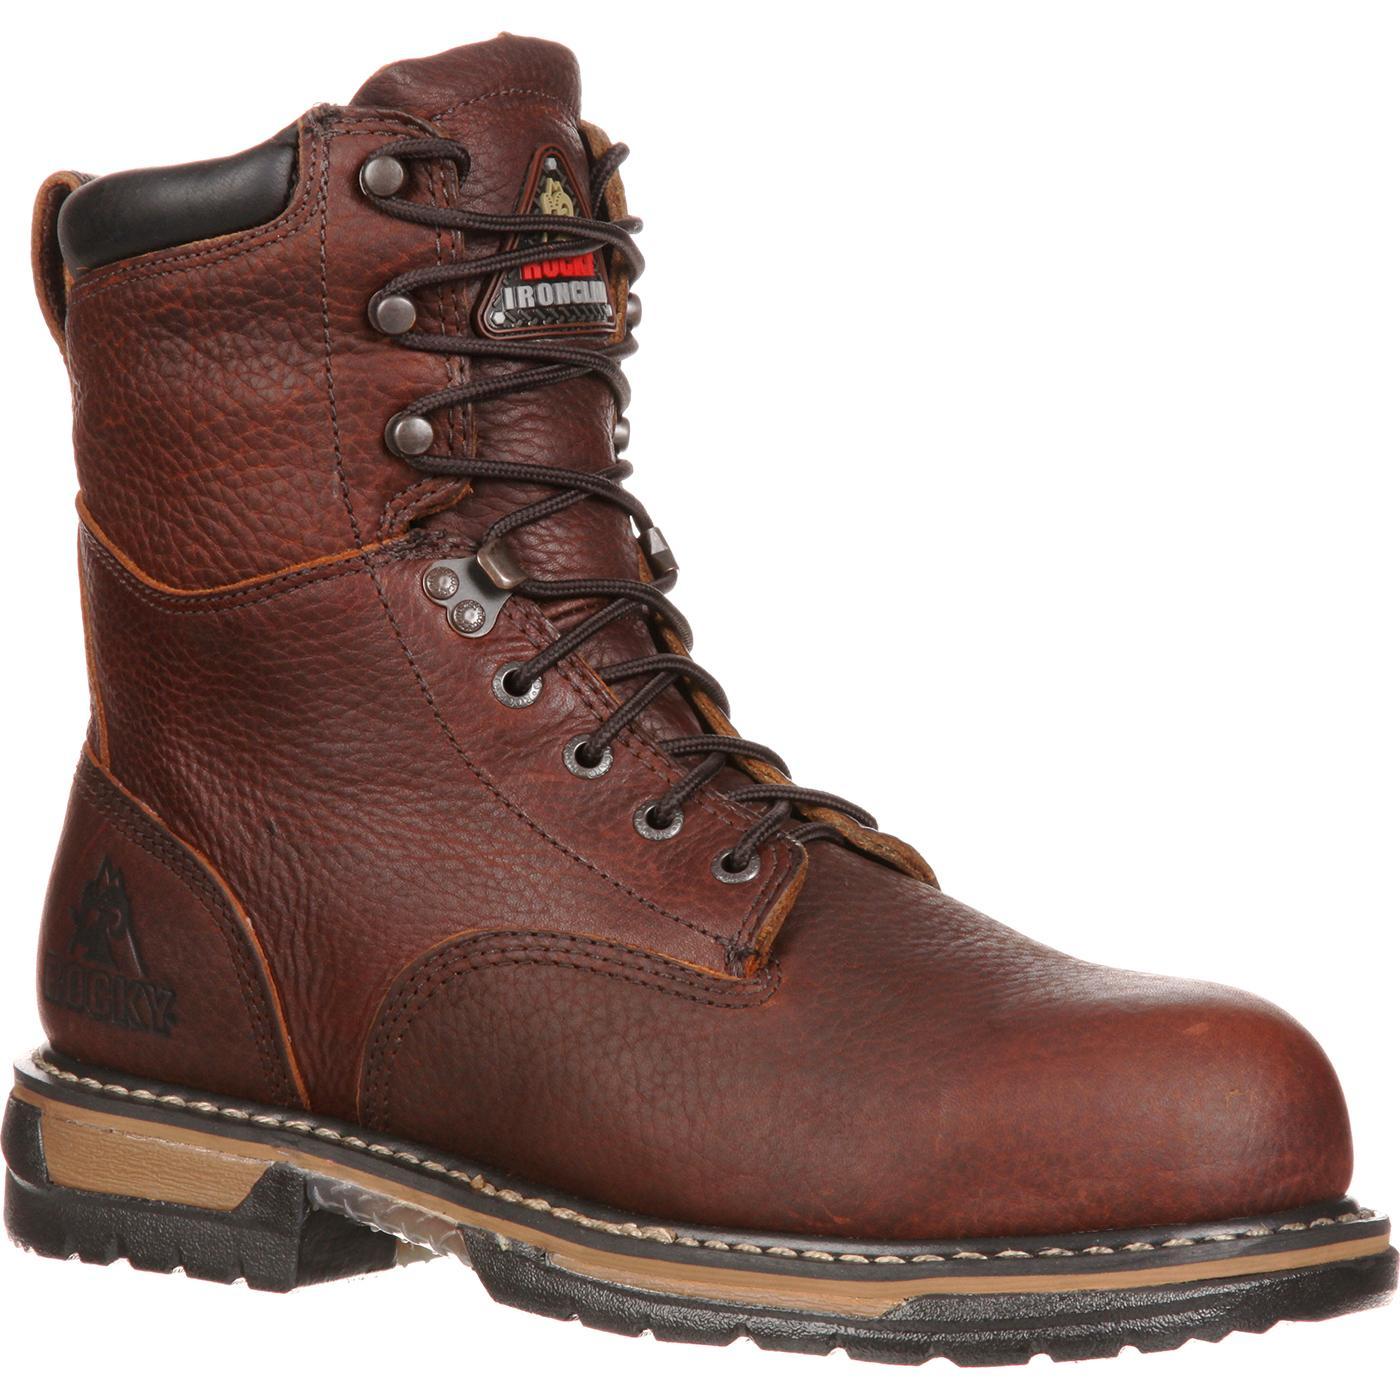 55458e32b6f Rocky IronClad Steel Toe Waterproof Work Boot